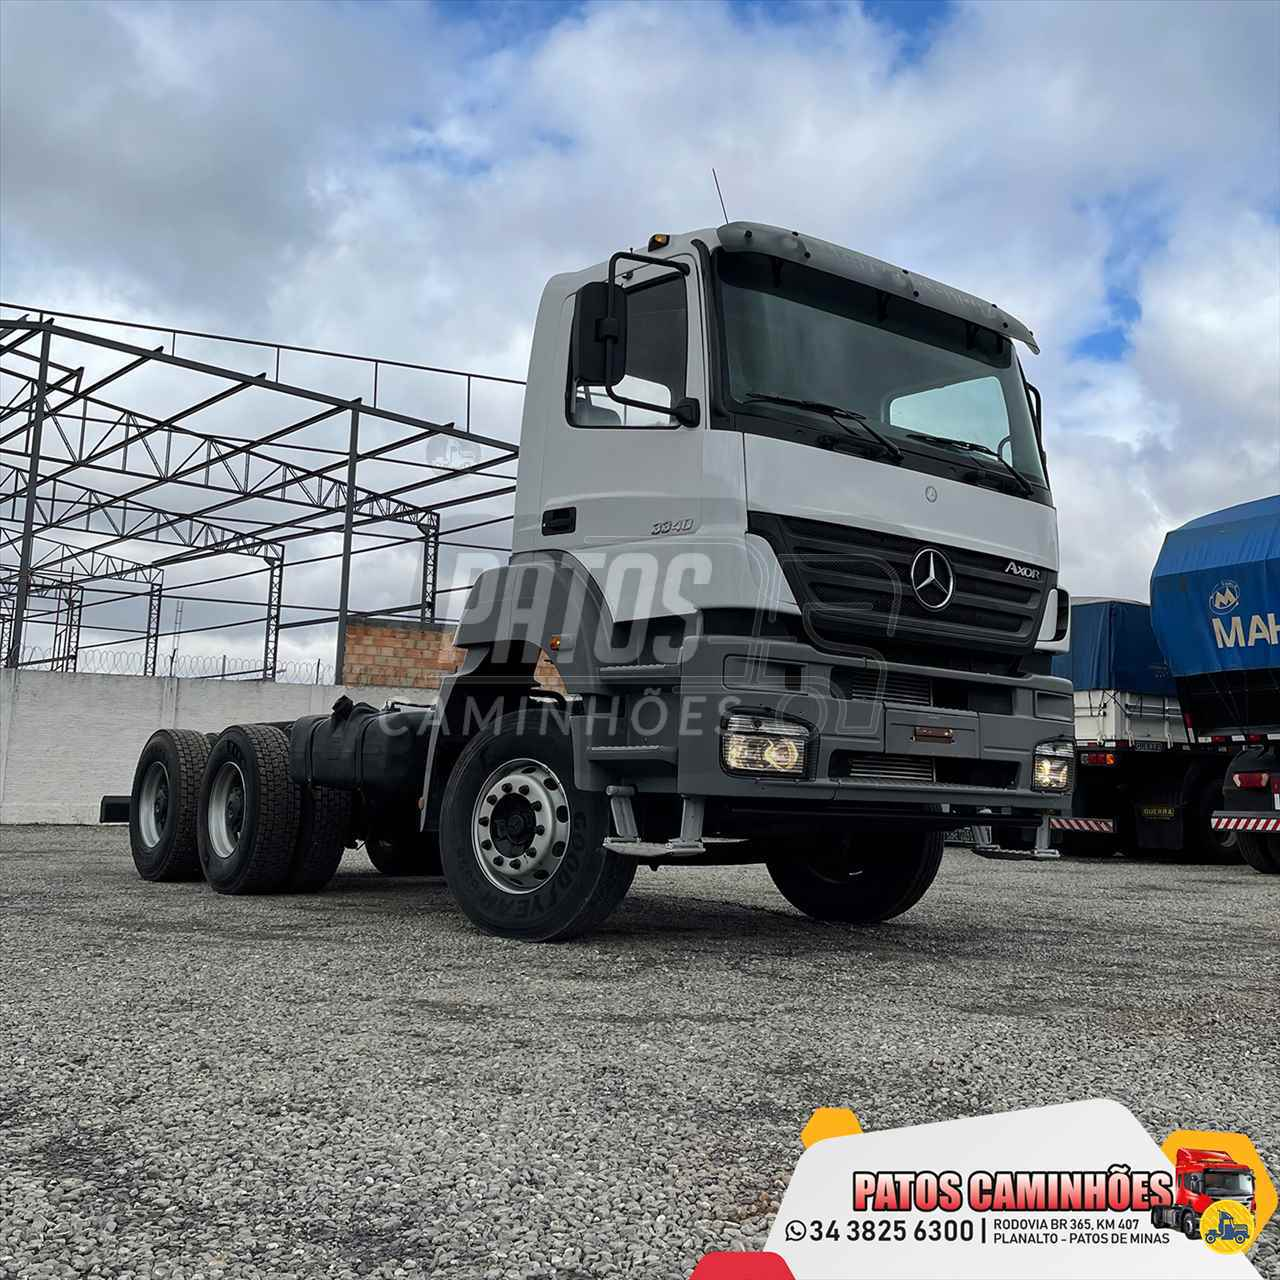 CAMINHAO MERCEDES-BENZ MB 3340 Cavalo Mecânico Traçado 6x4 Patos Caminhões PATOS DE MINAS MINAS GERAIS MG